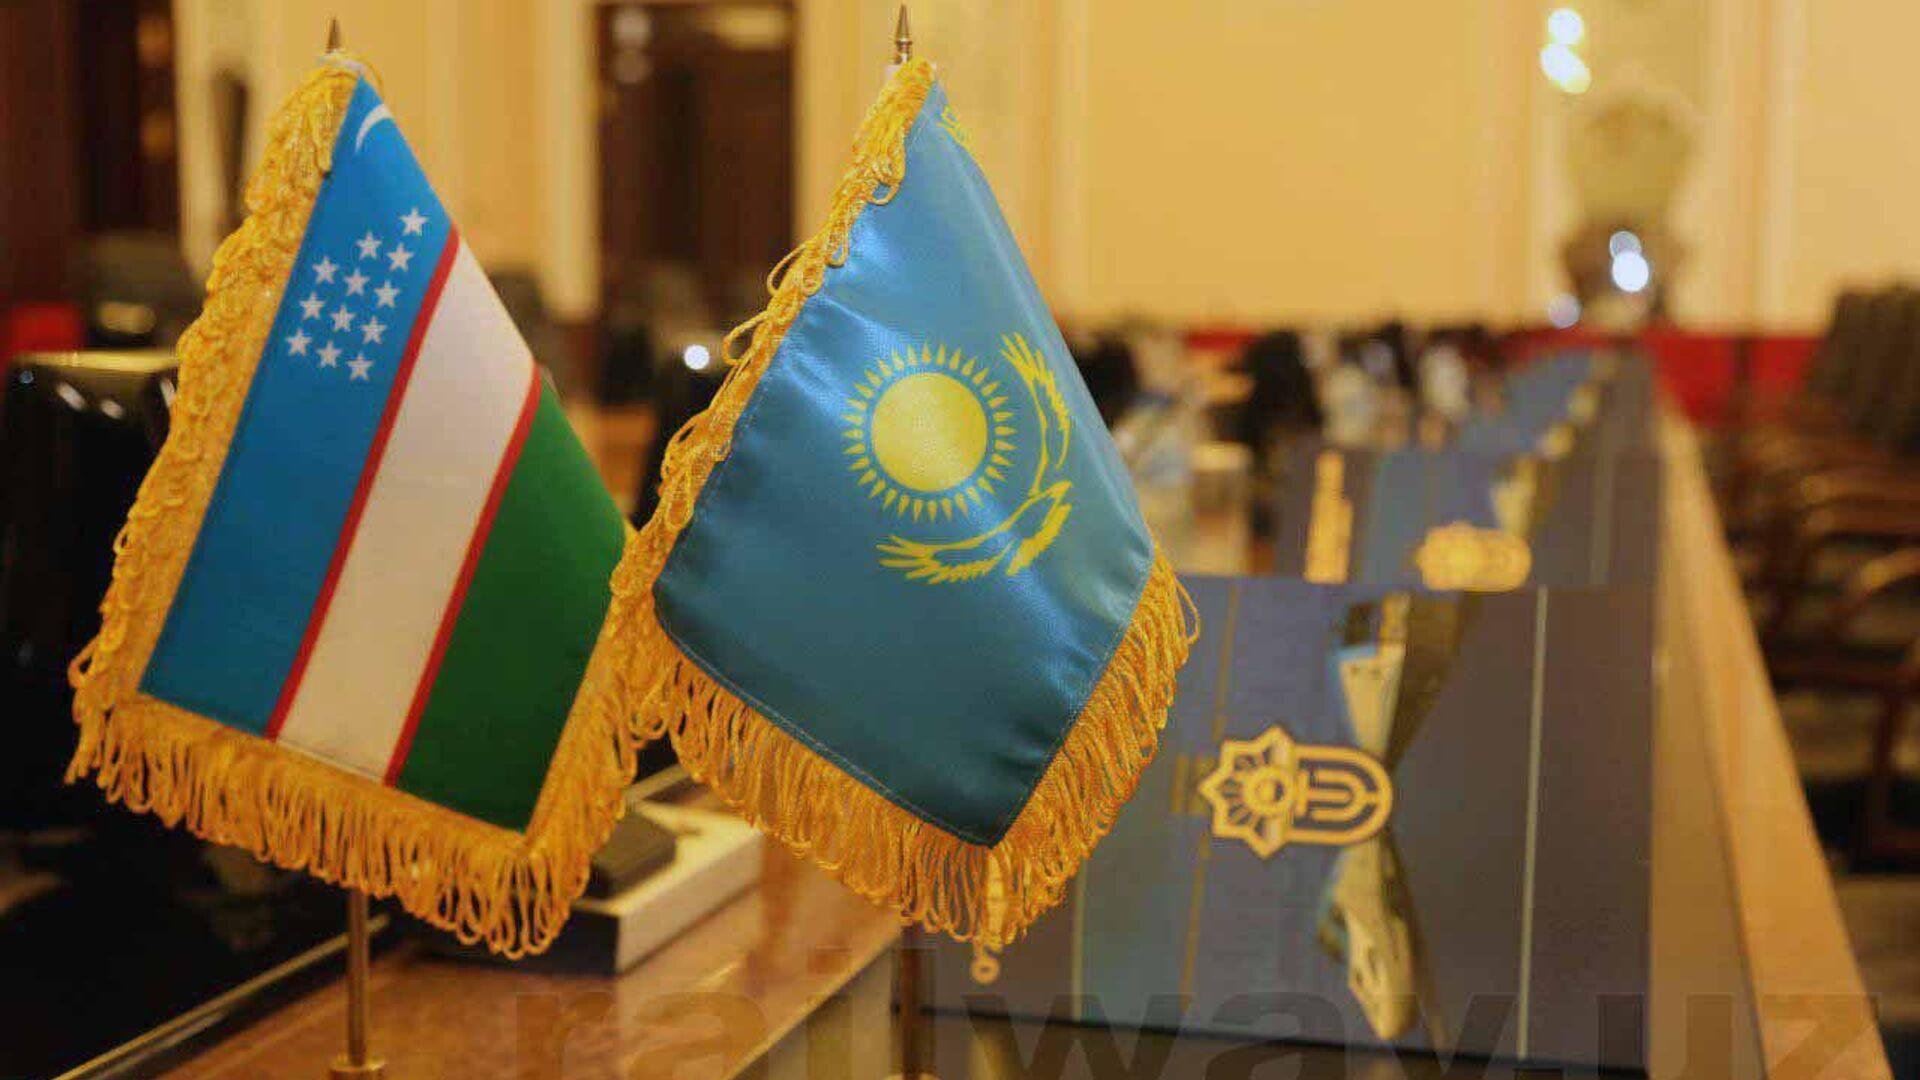 Казахстан и Узбекистан обсудили взаимодействие в железнодорожной сфере - Sputnik Ўзбекистон, 1920, 28.07.2021